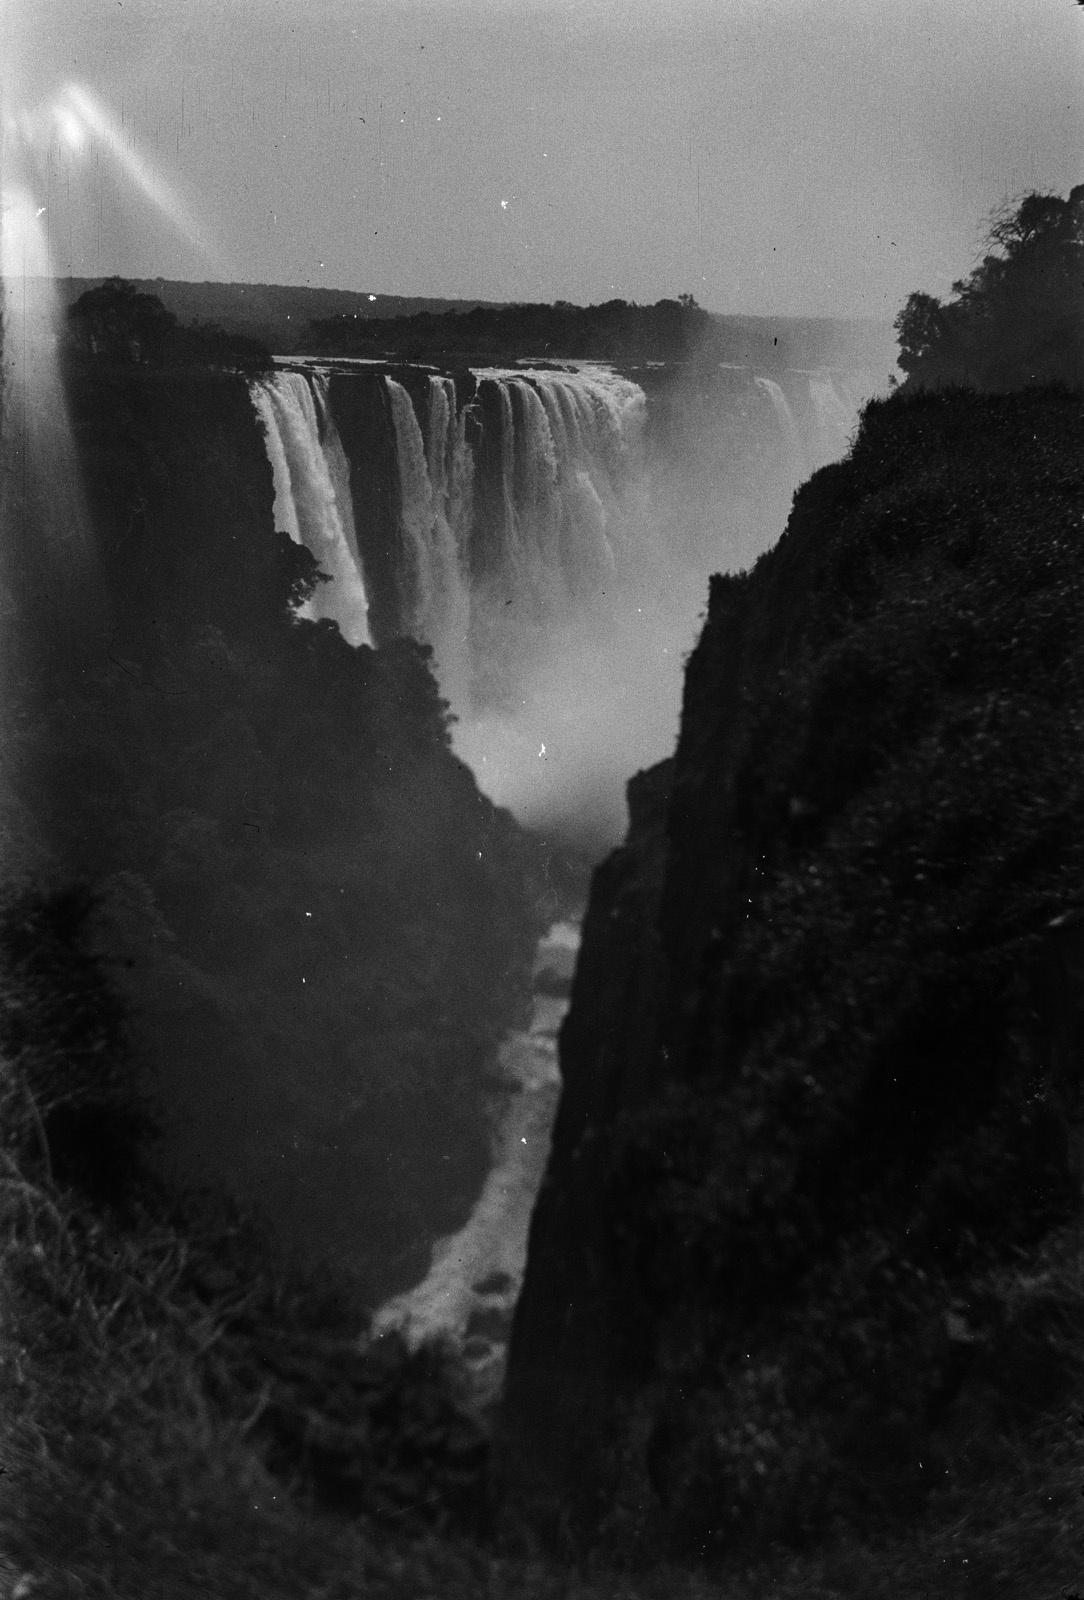 Водопад Виктория реки Замбези. Ущелье и главный водопад